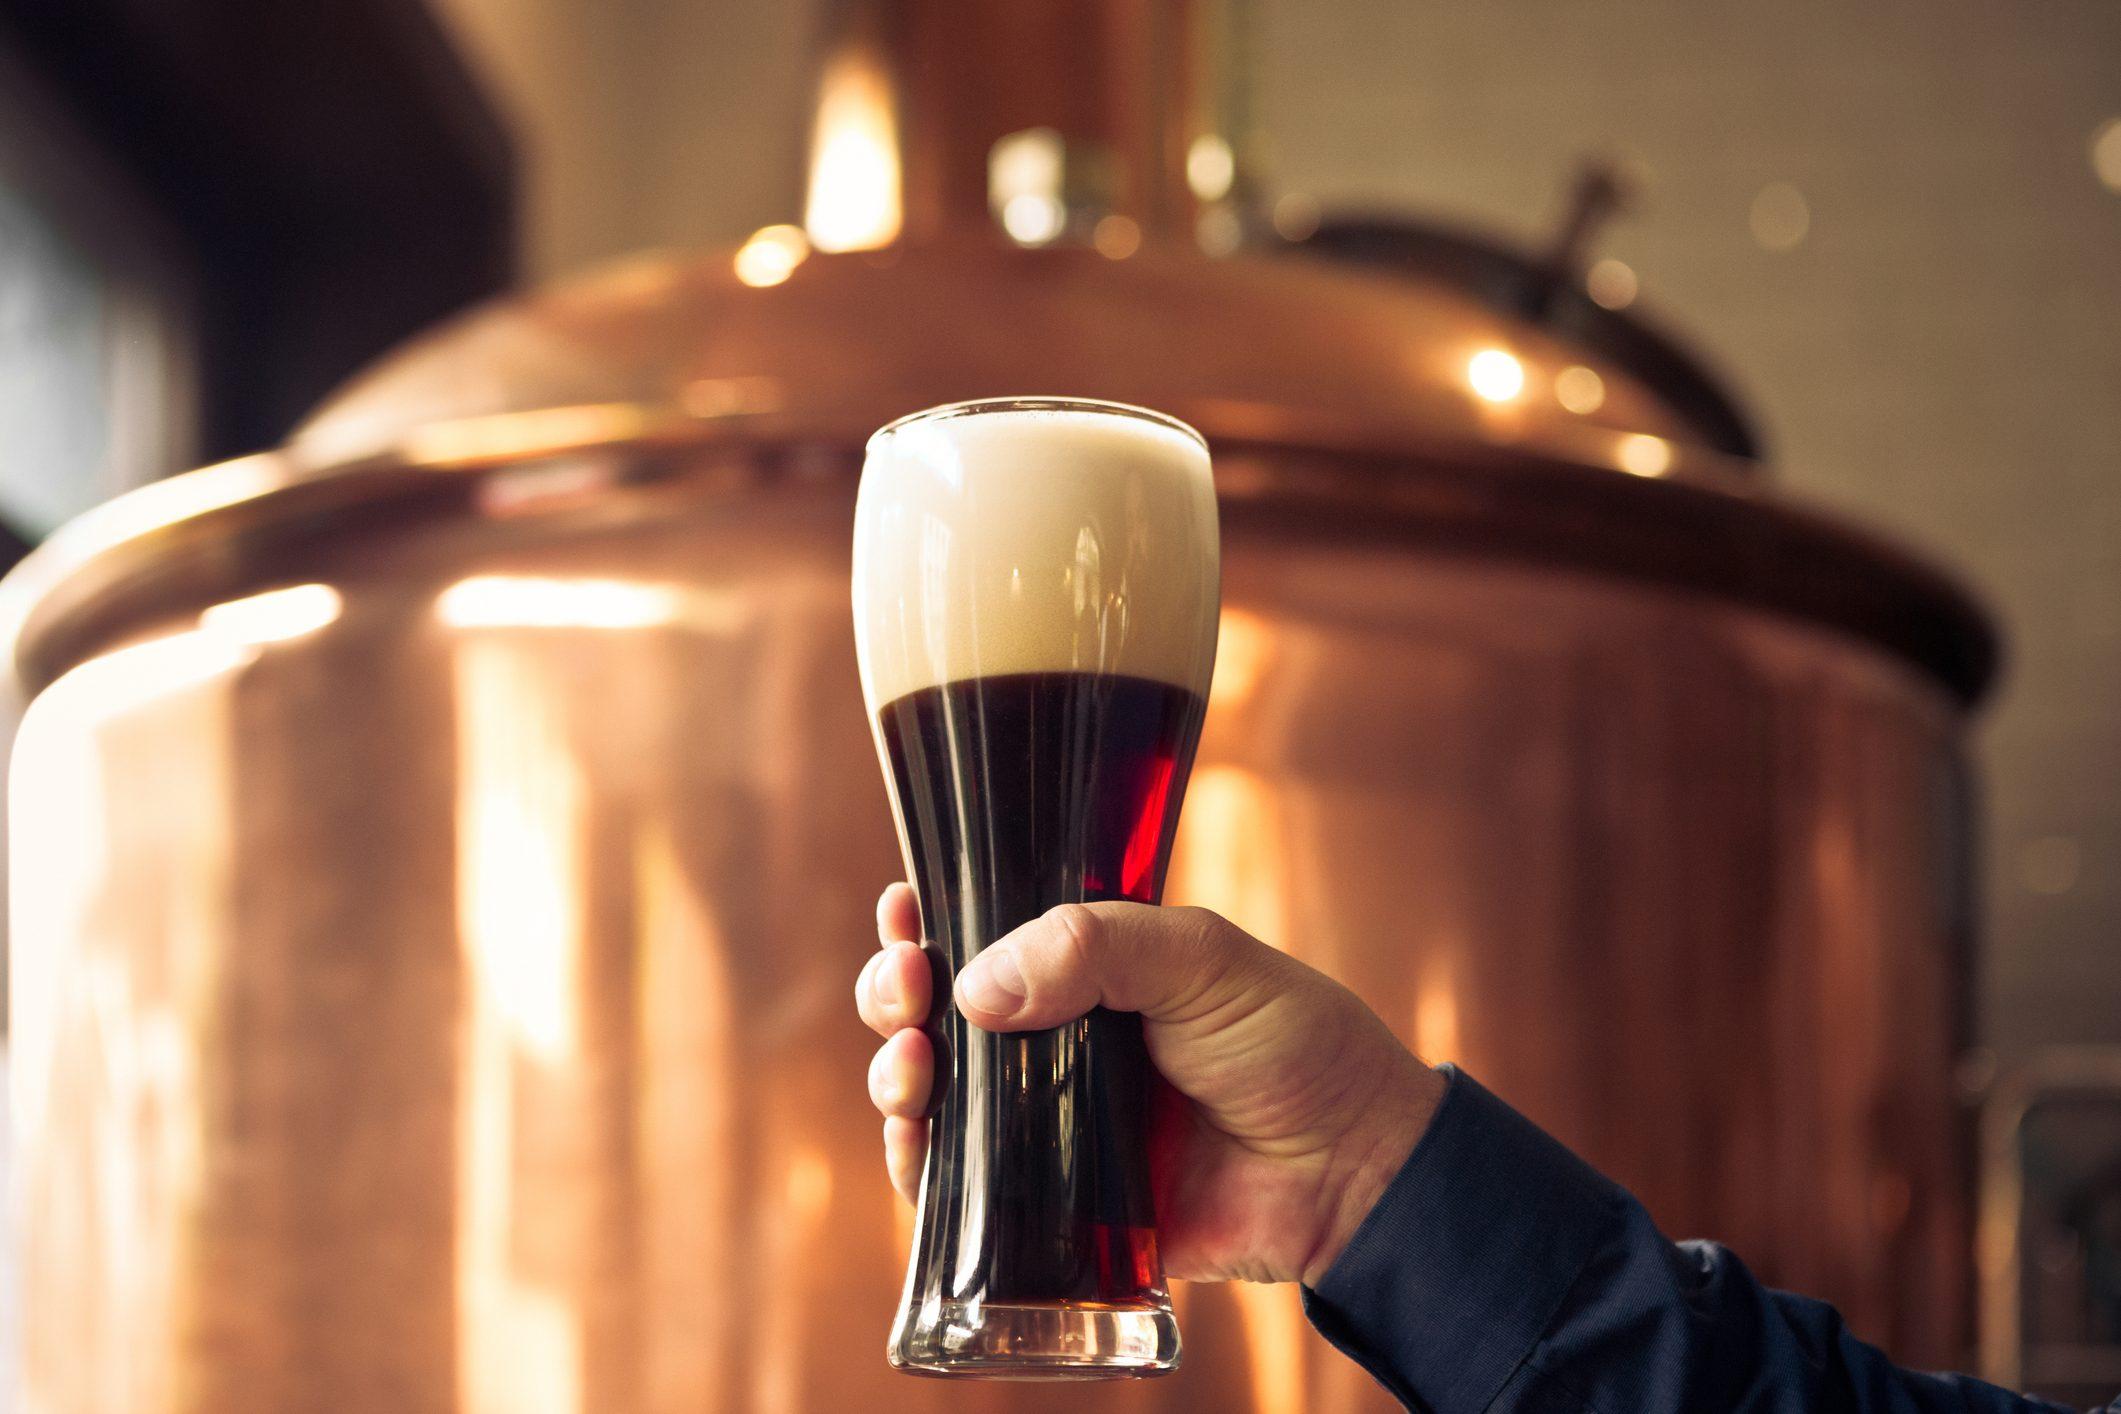 Le migliori birre artigianali d'Italia divise per regione secondo Slow Food